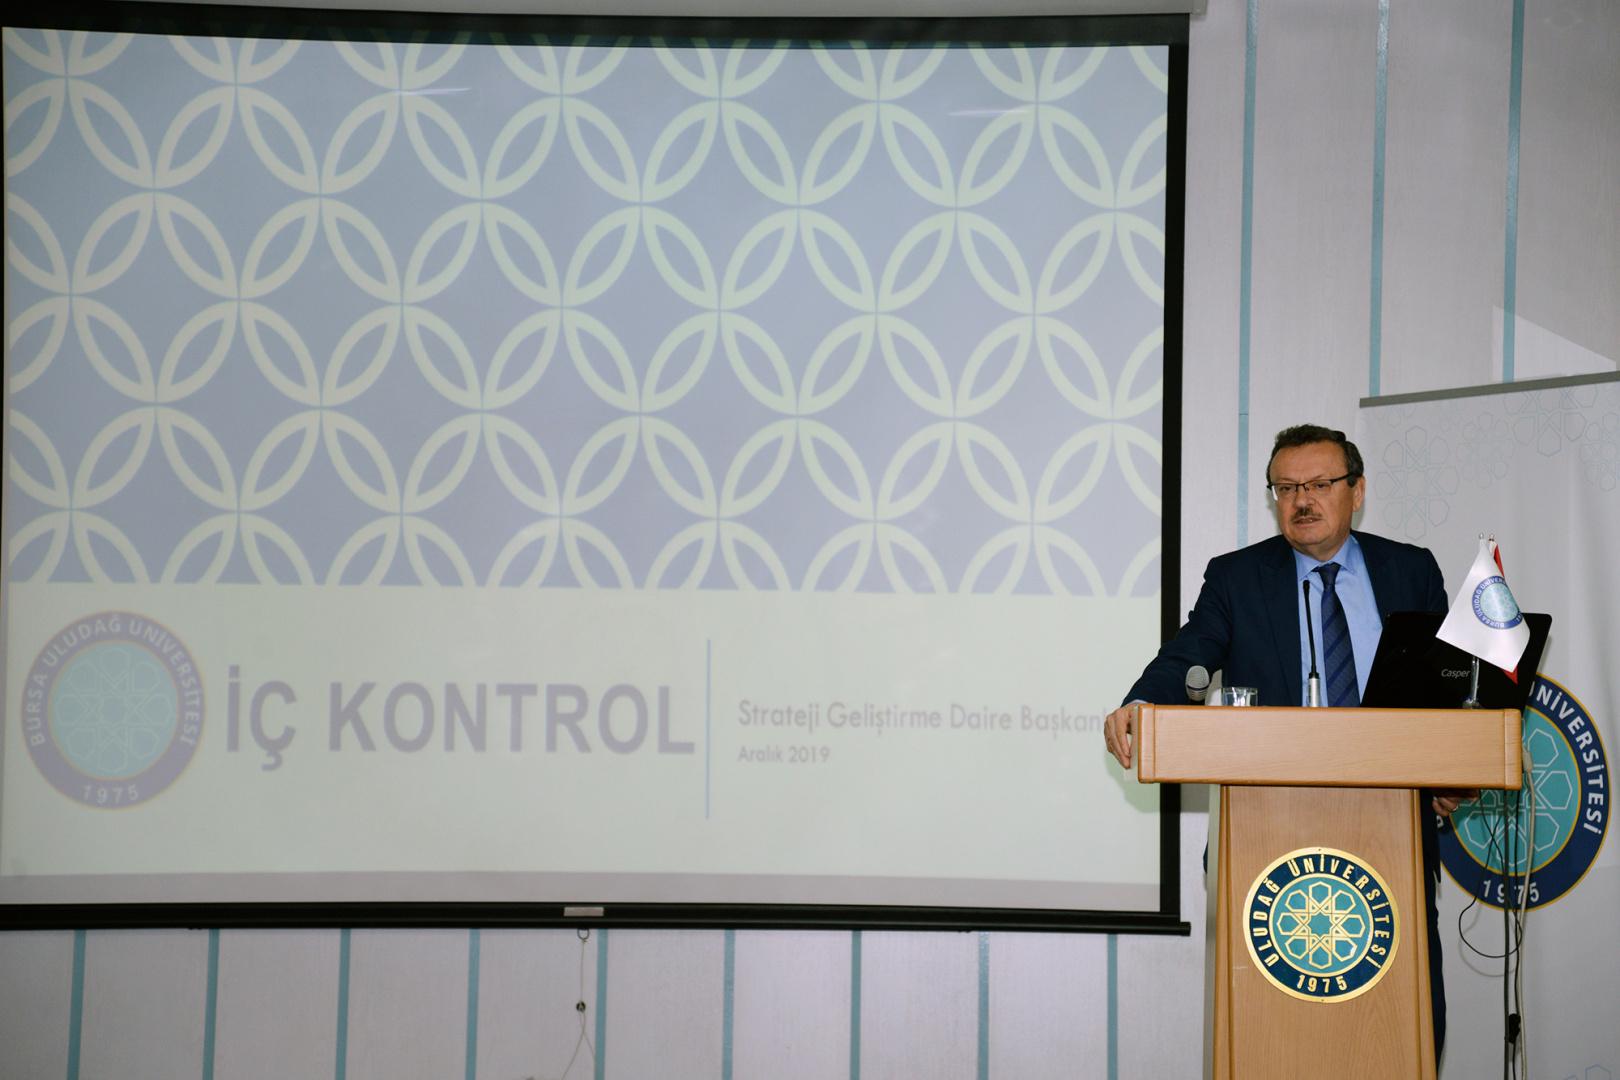 18 Aralık 2019 Tarihinde İç Kontrol İzleme ve Yönlendirme Kurulu toplanmıştır